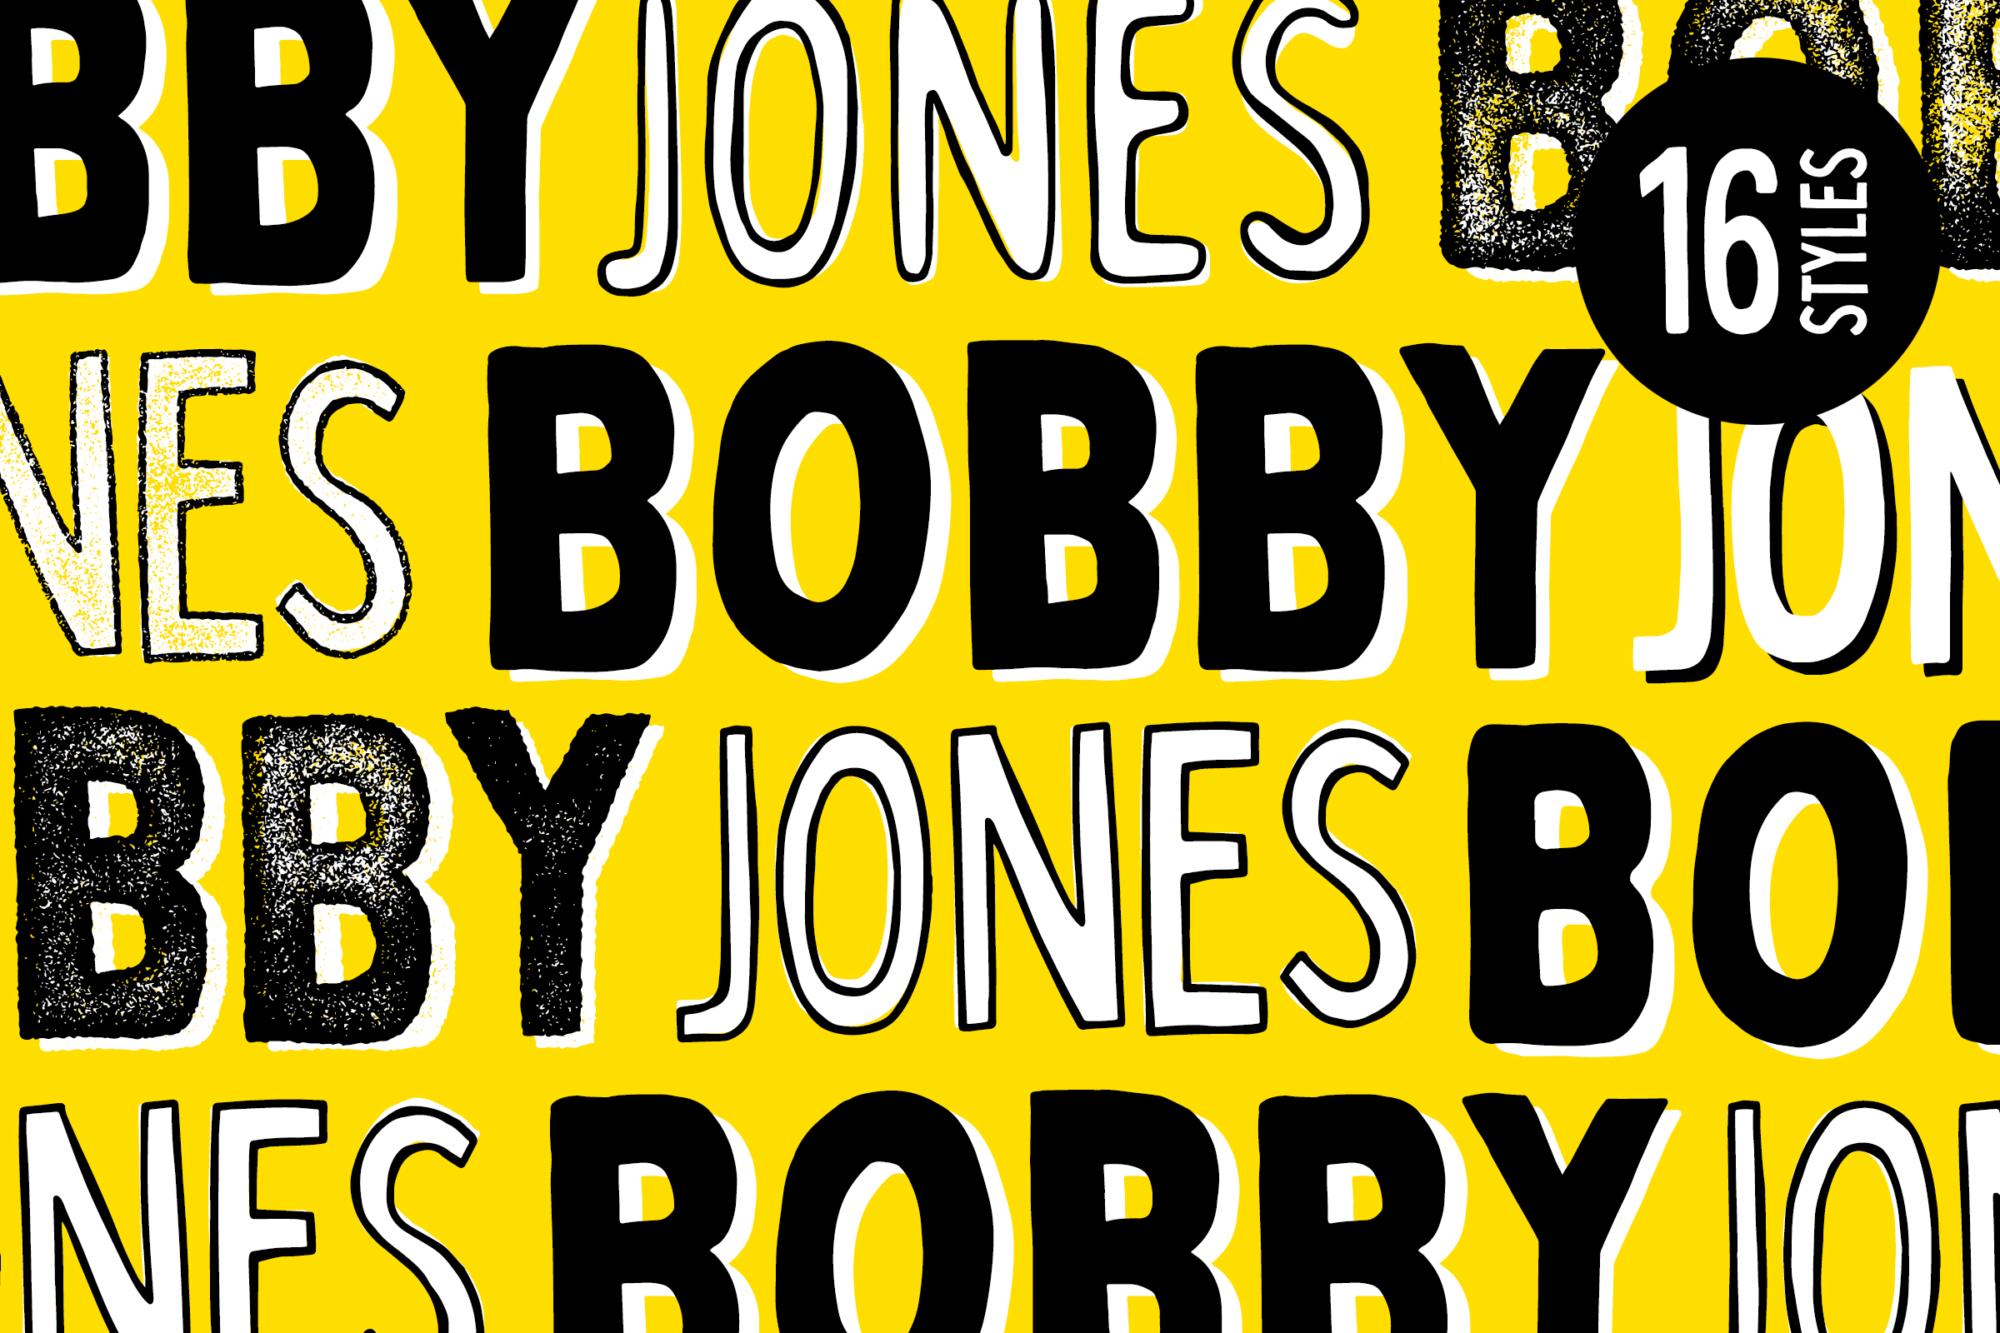 La familia de fuentes Bobby Jones hechas a mano (¡Dos fuentes gratis en el interior!)